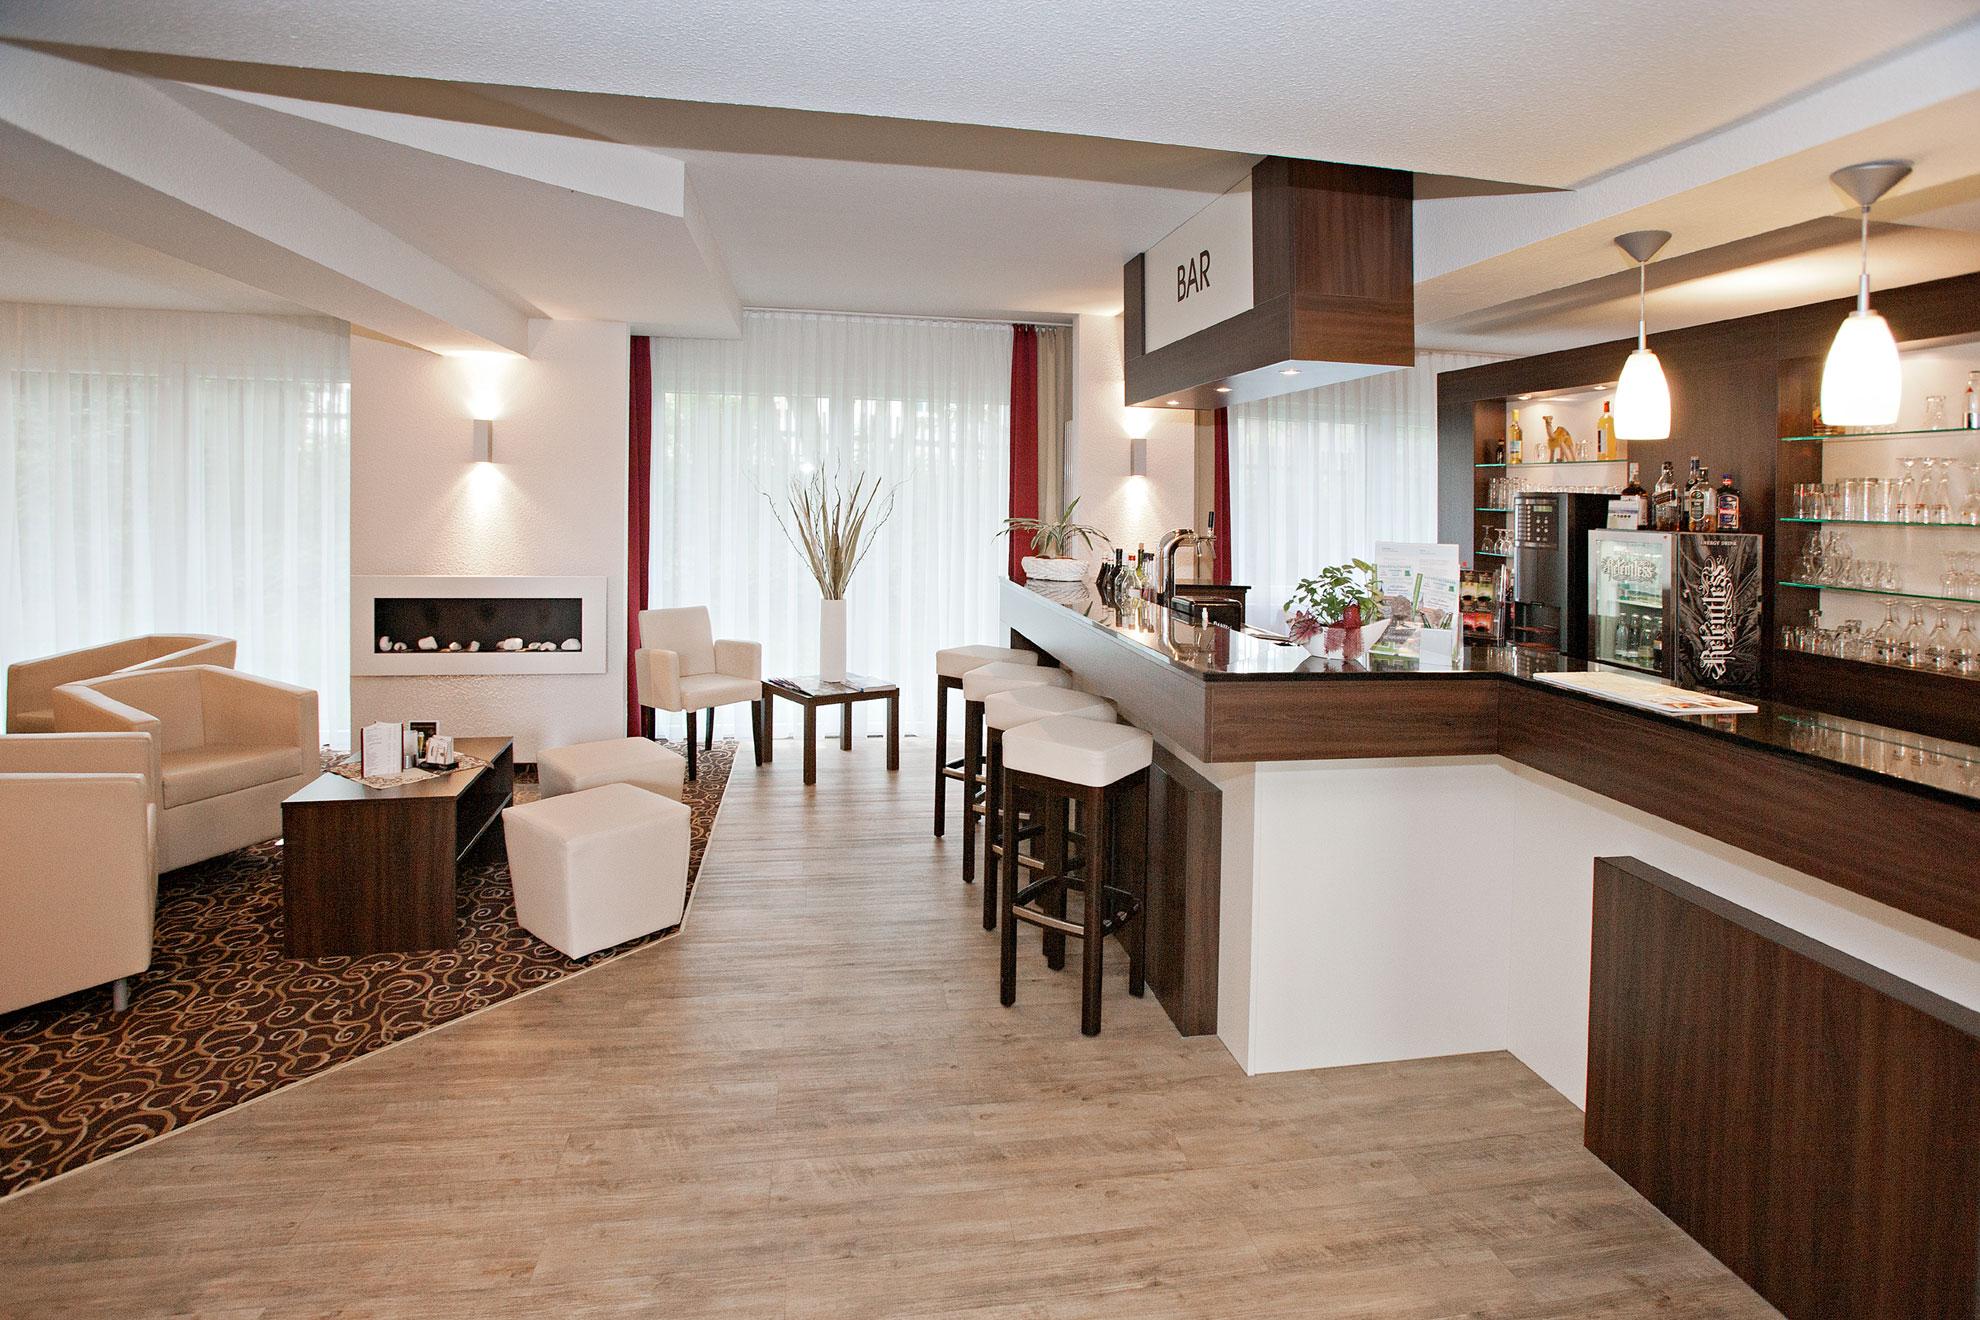 aparthotel_bar